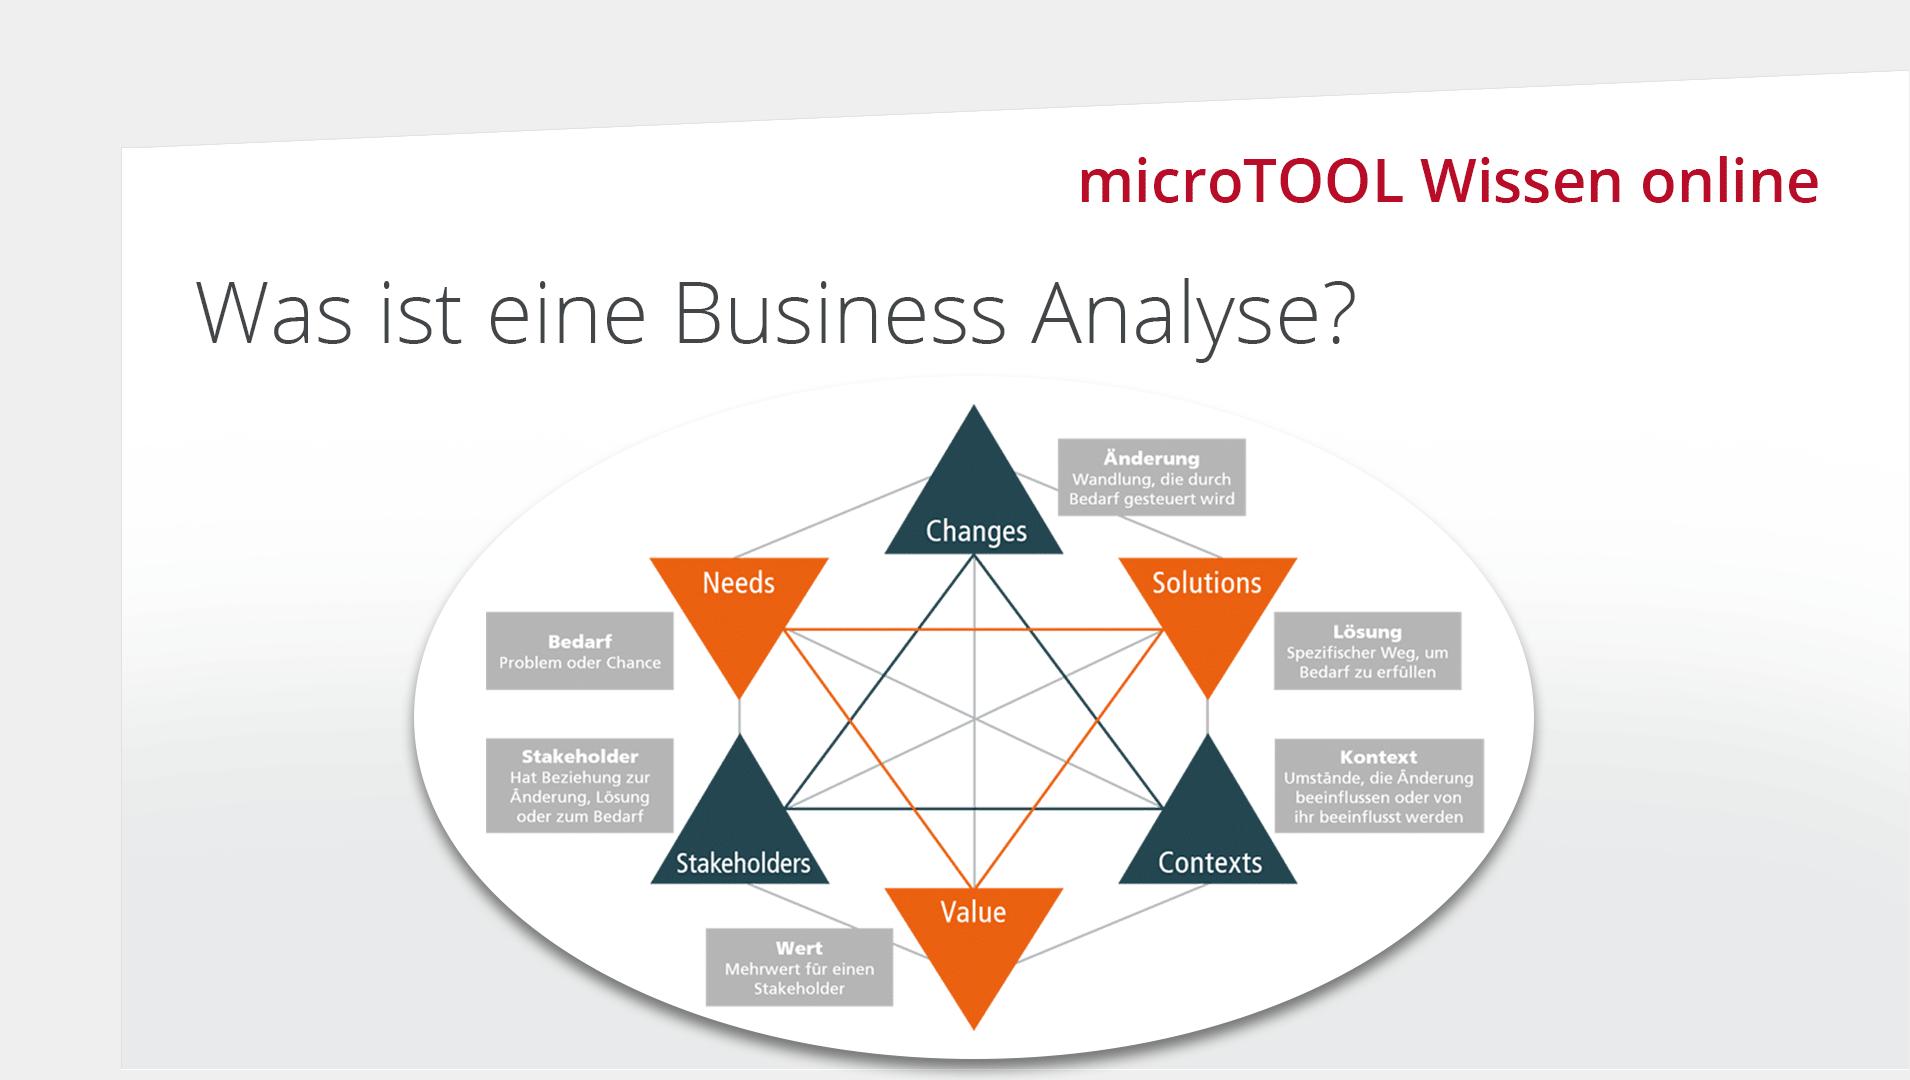 Was ist eine Business Analyse